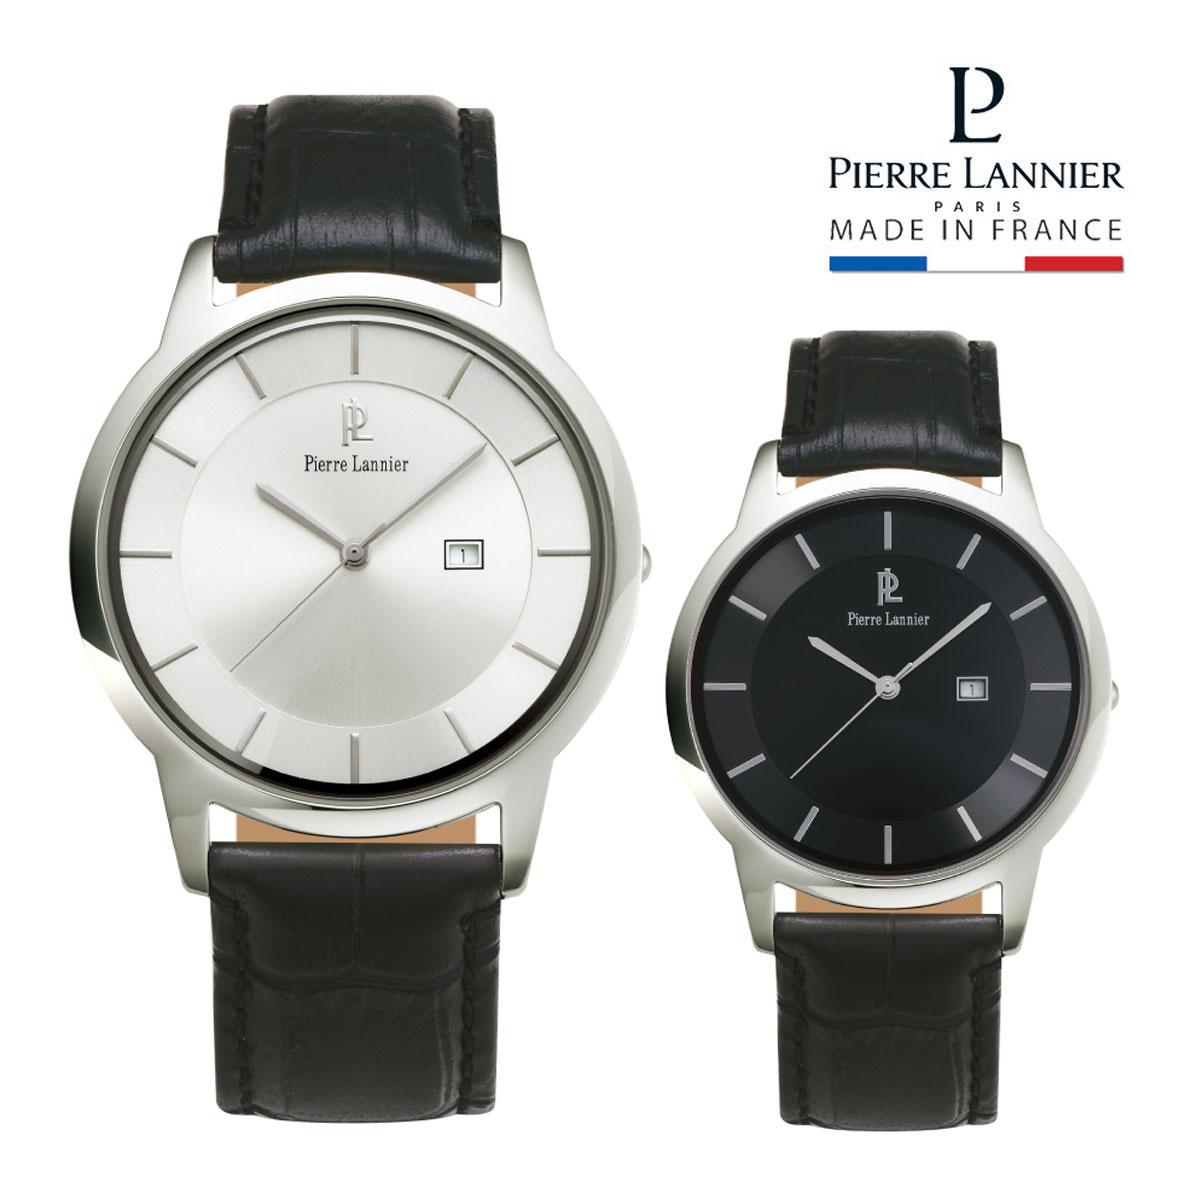 ピエールラニエ エクストラフラットレザーウォッチ メンズ腕時計ブランド 薄型 本革ベルト シルバー 丸型 防水p235c123 p235c133 ピエールラニエ メンズ 送料無料 フランス製 父の日 ラッピング無料